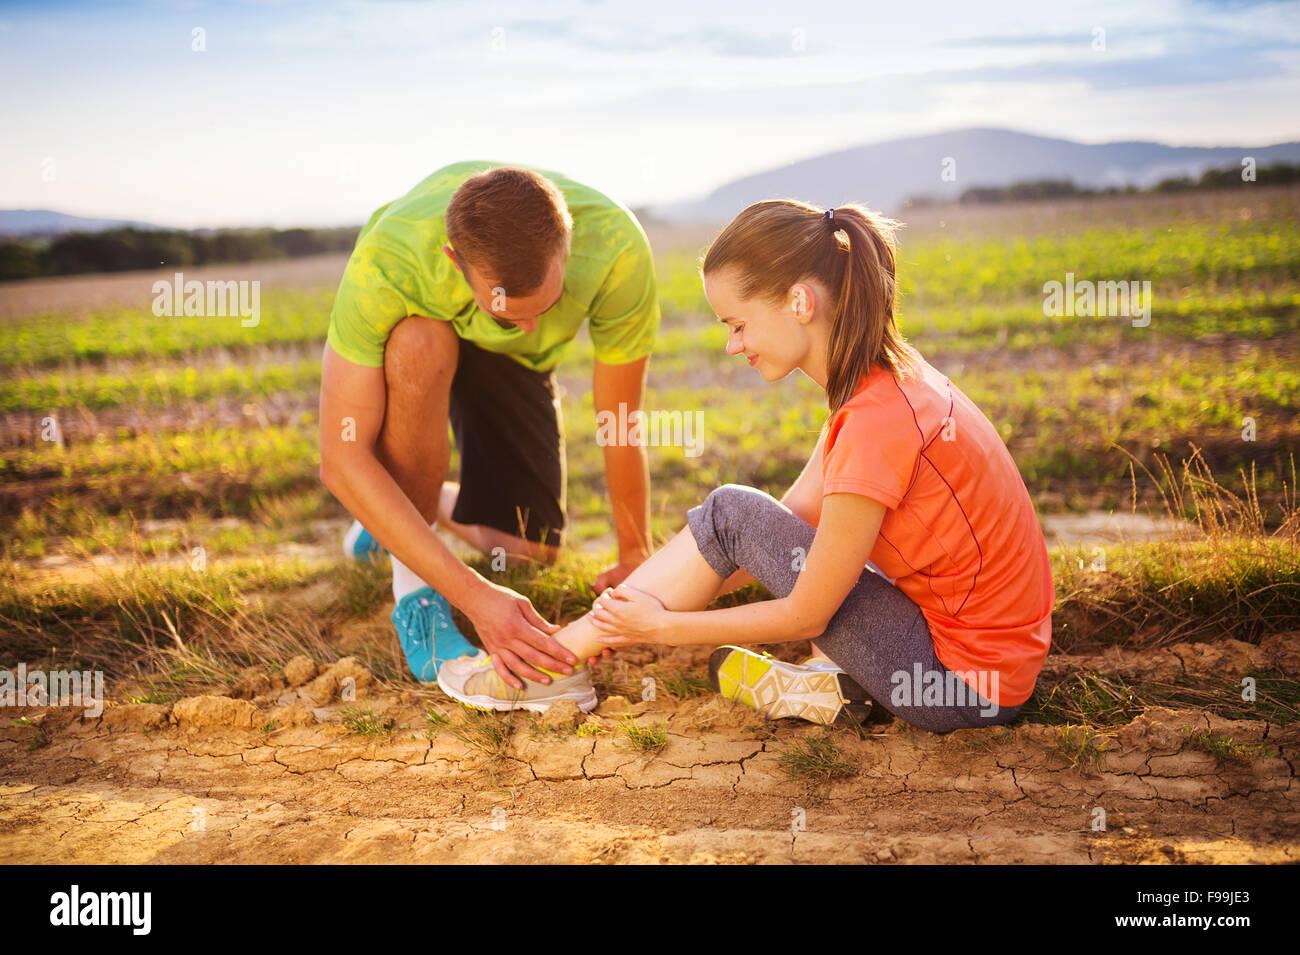 Verletzungen - Sport Frau mit verdrehten verstauchten Hilfe bekommen von Mann berühren ihren Knöchel. Stockfoto